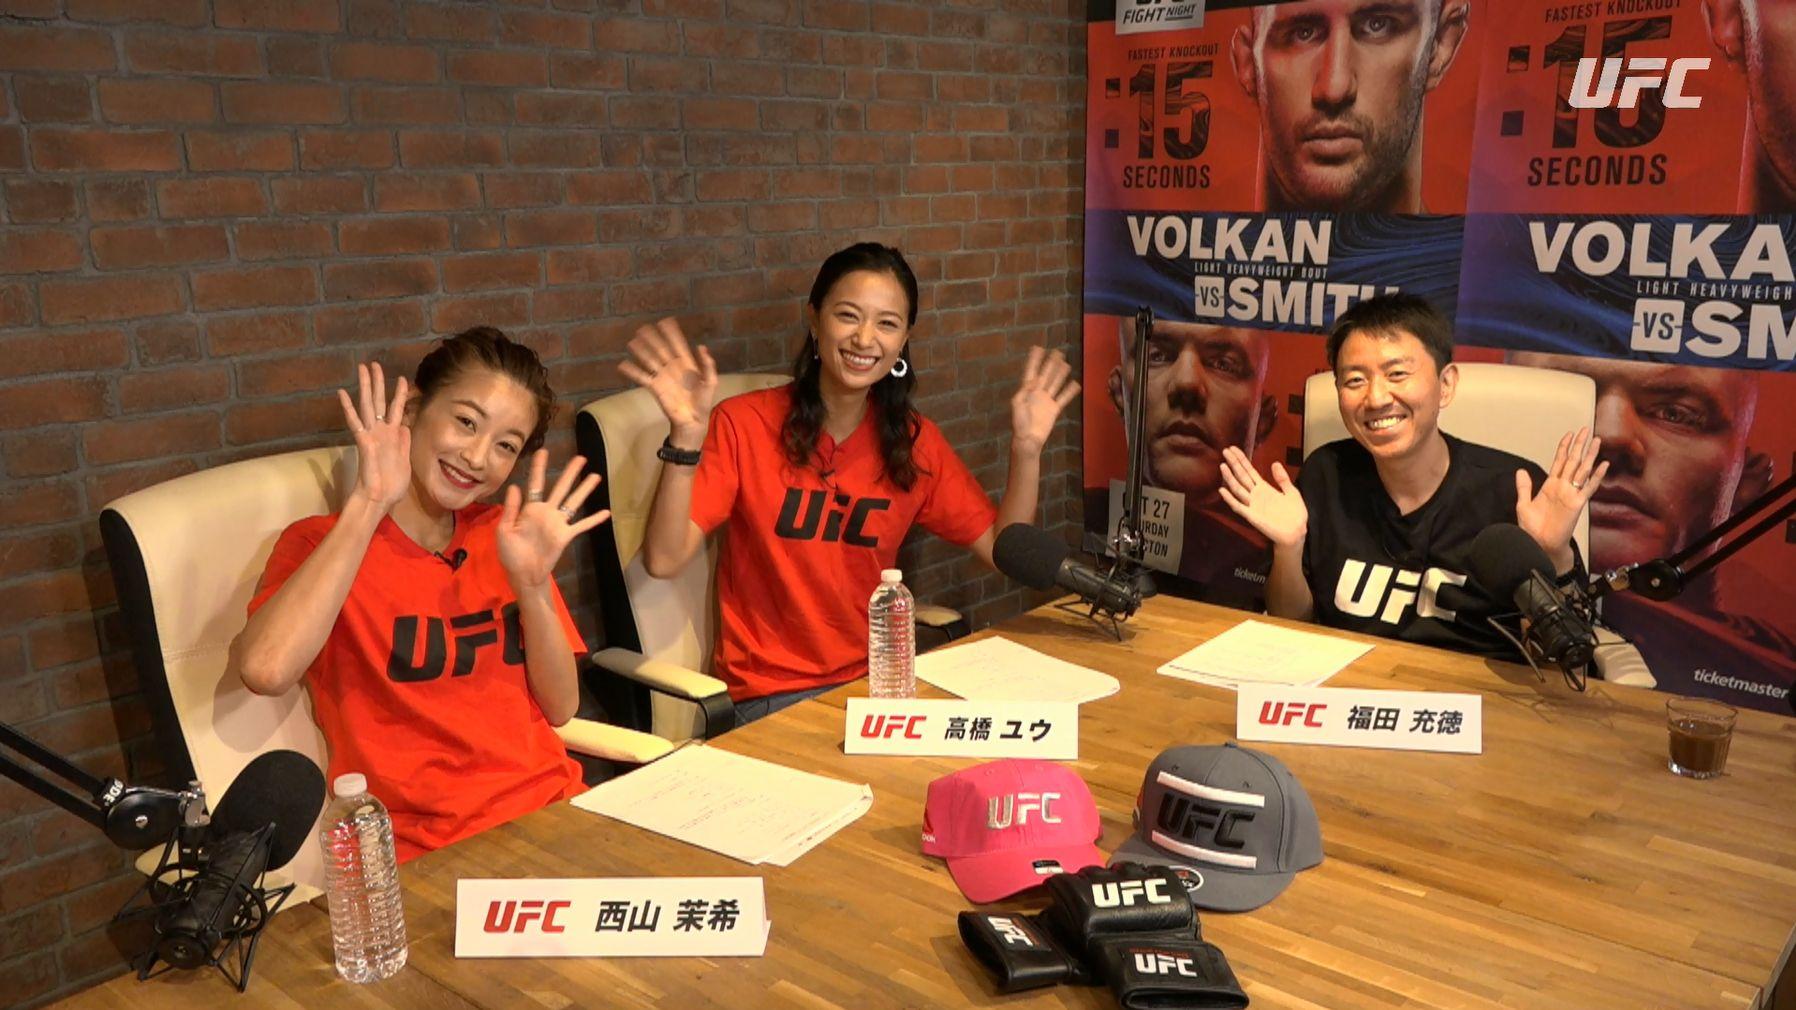 【#02:UFCってなんだ?】選手のキャラクターを反映したものから少々ネタっぽいものまで多種多彩なファイターのニックネーム!